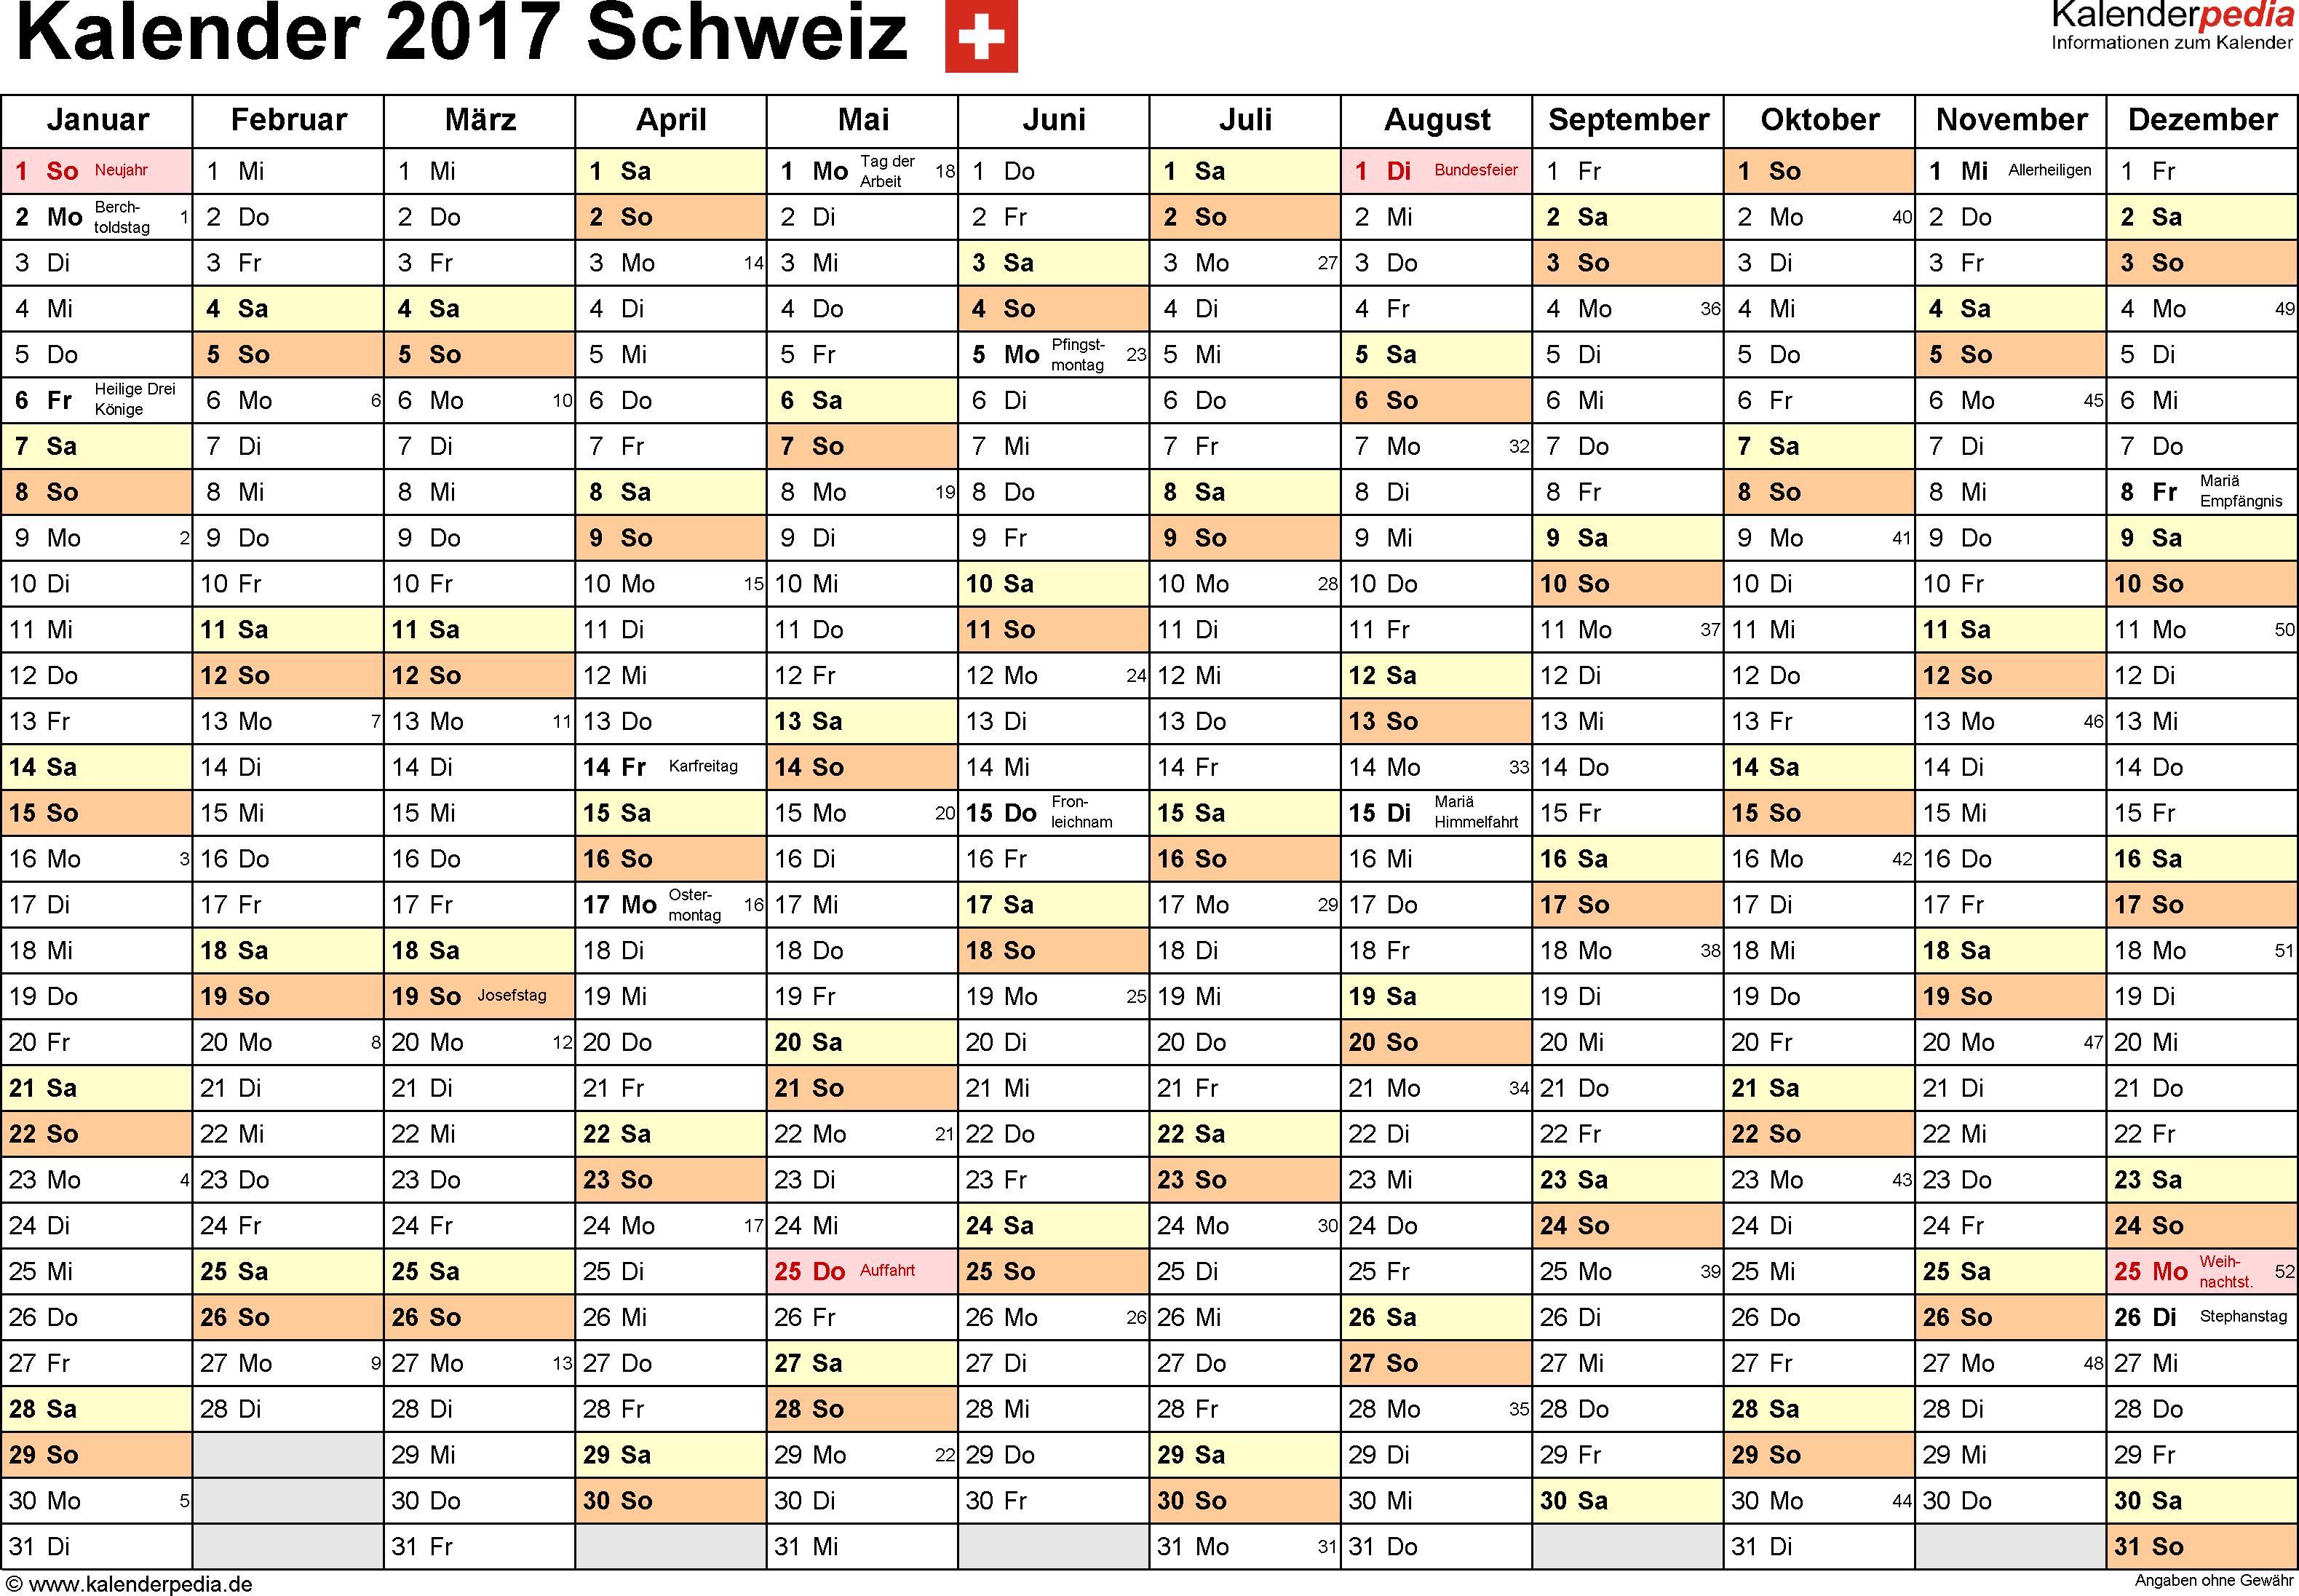 Vorlage 2: Kalender 2017 für PDF, Querformat, 1 Seite, Monate nebeneinander